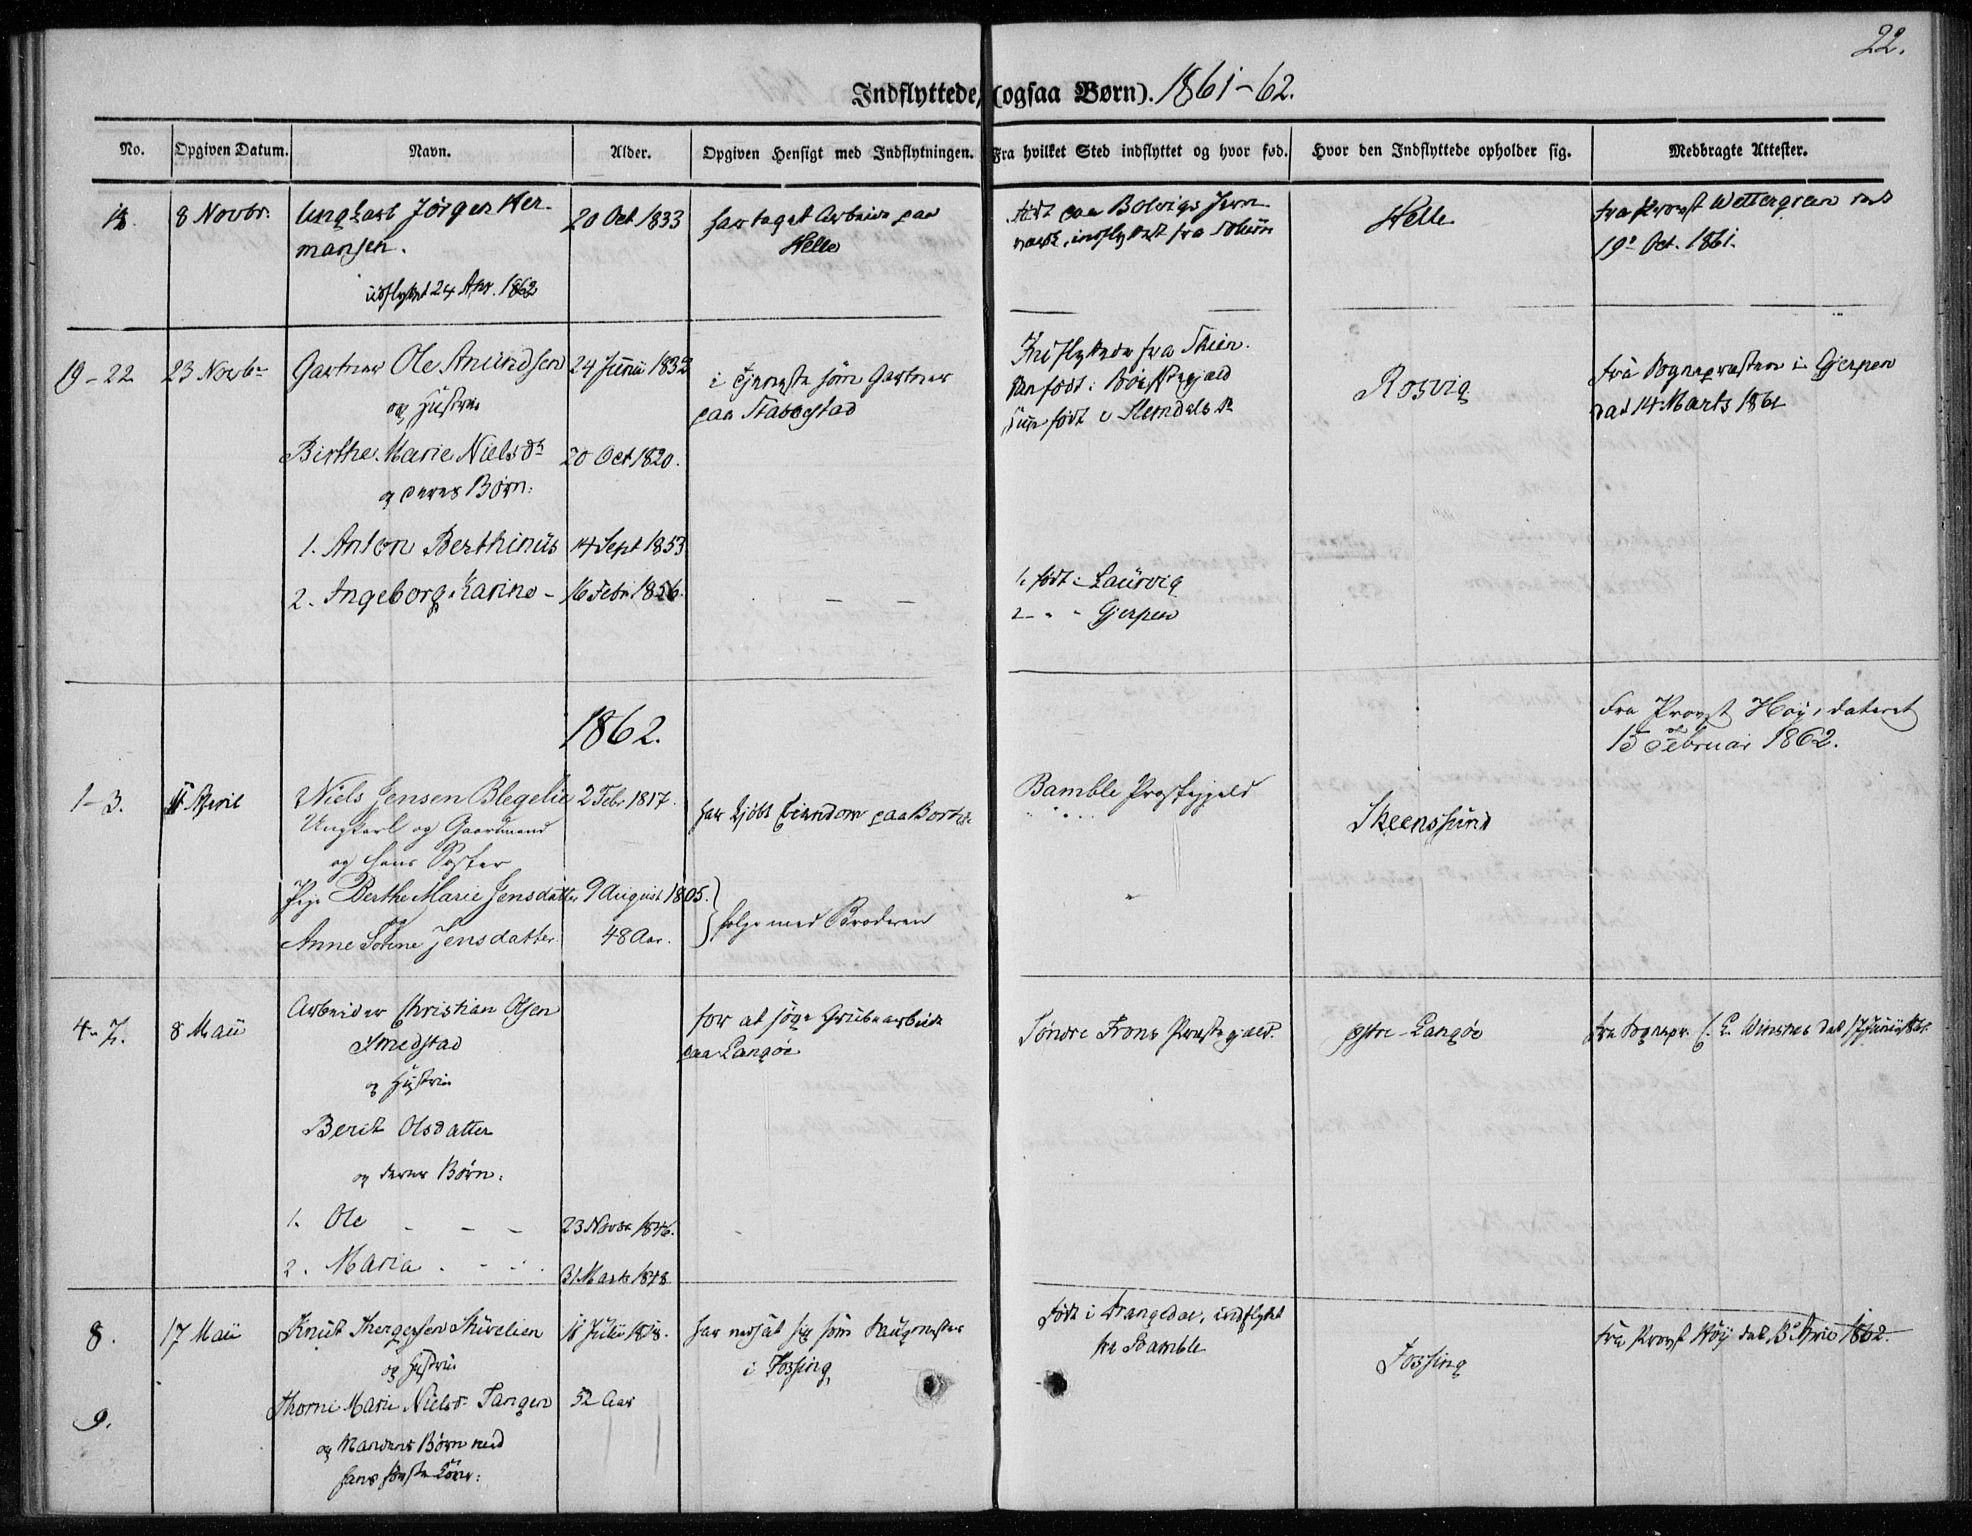 SAKO, Sannidal kirkebøker, F/Fa/L0013: Ministerialbok nr. 13, 1854-1873, s. 22